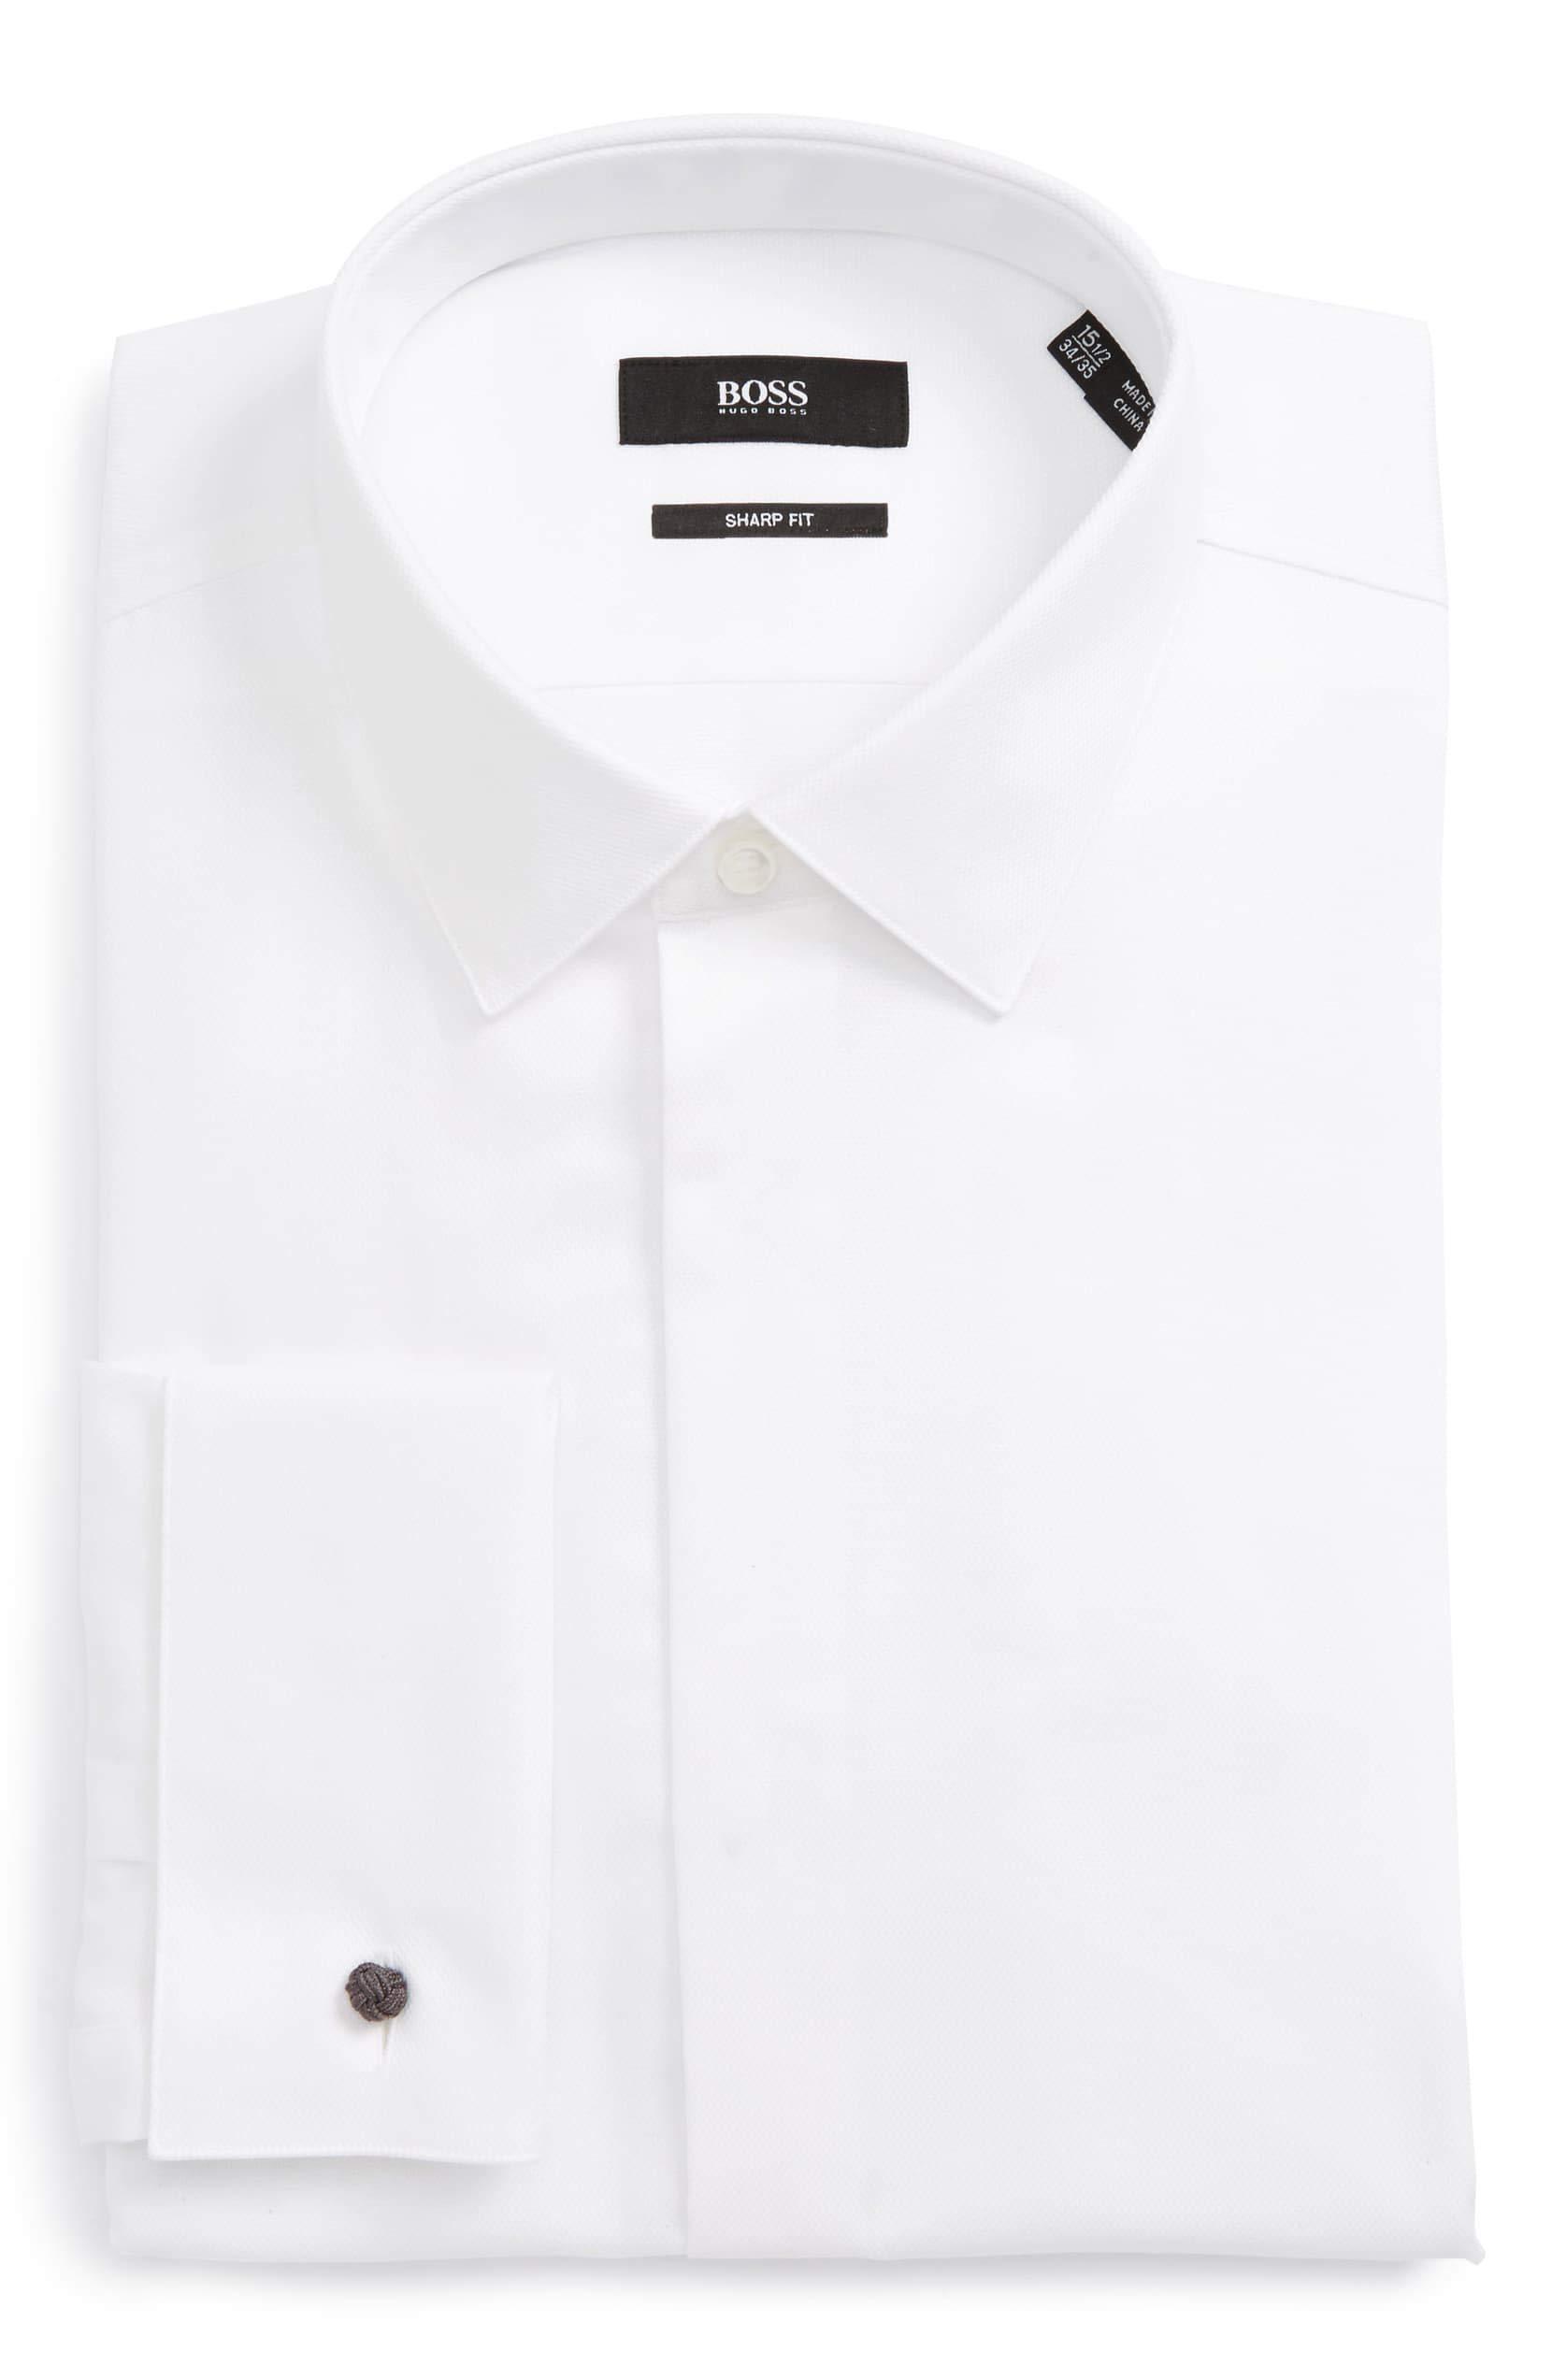 Hugo Boss Men's Myron Sharp Fit Tuxedo Shirt (17.5 x 34/35, White) by Hugo Boss